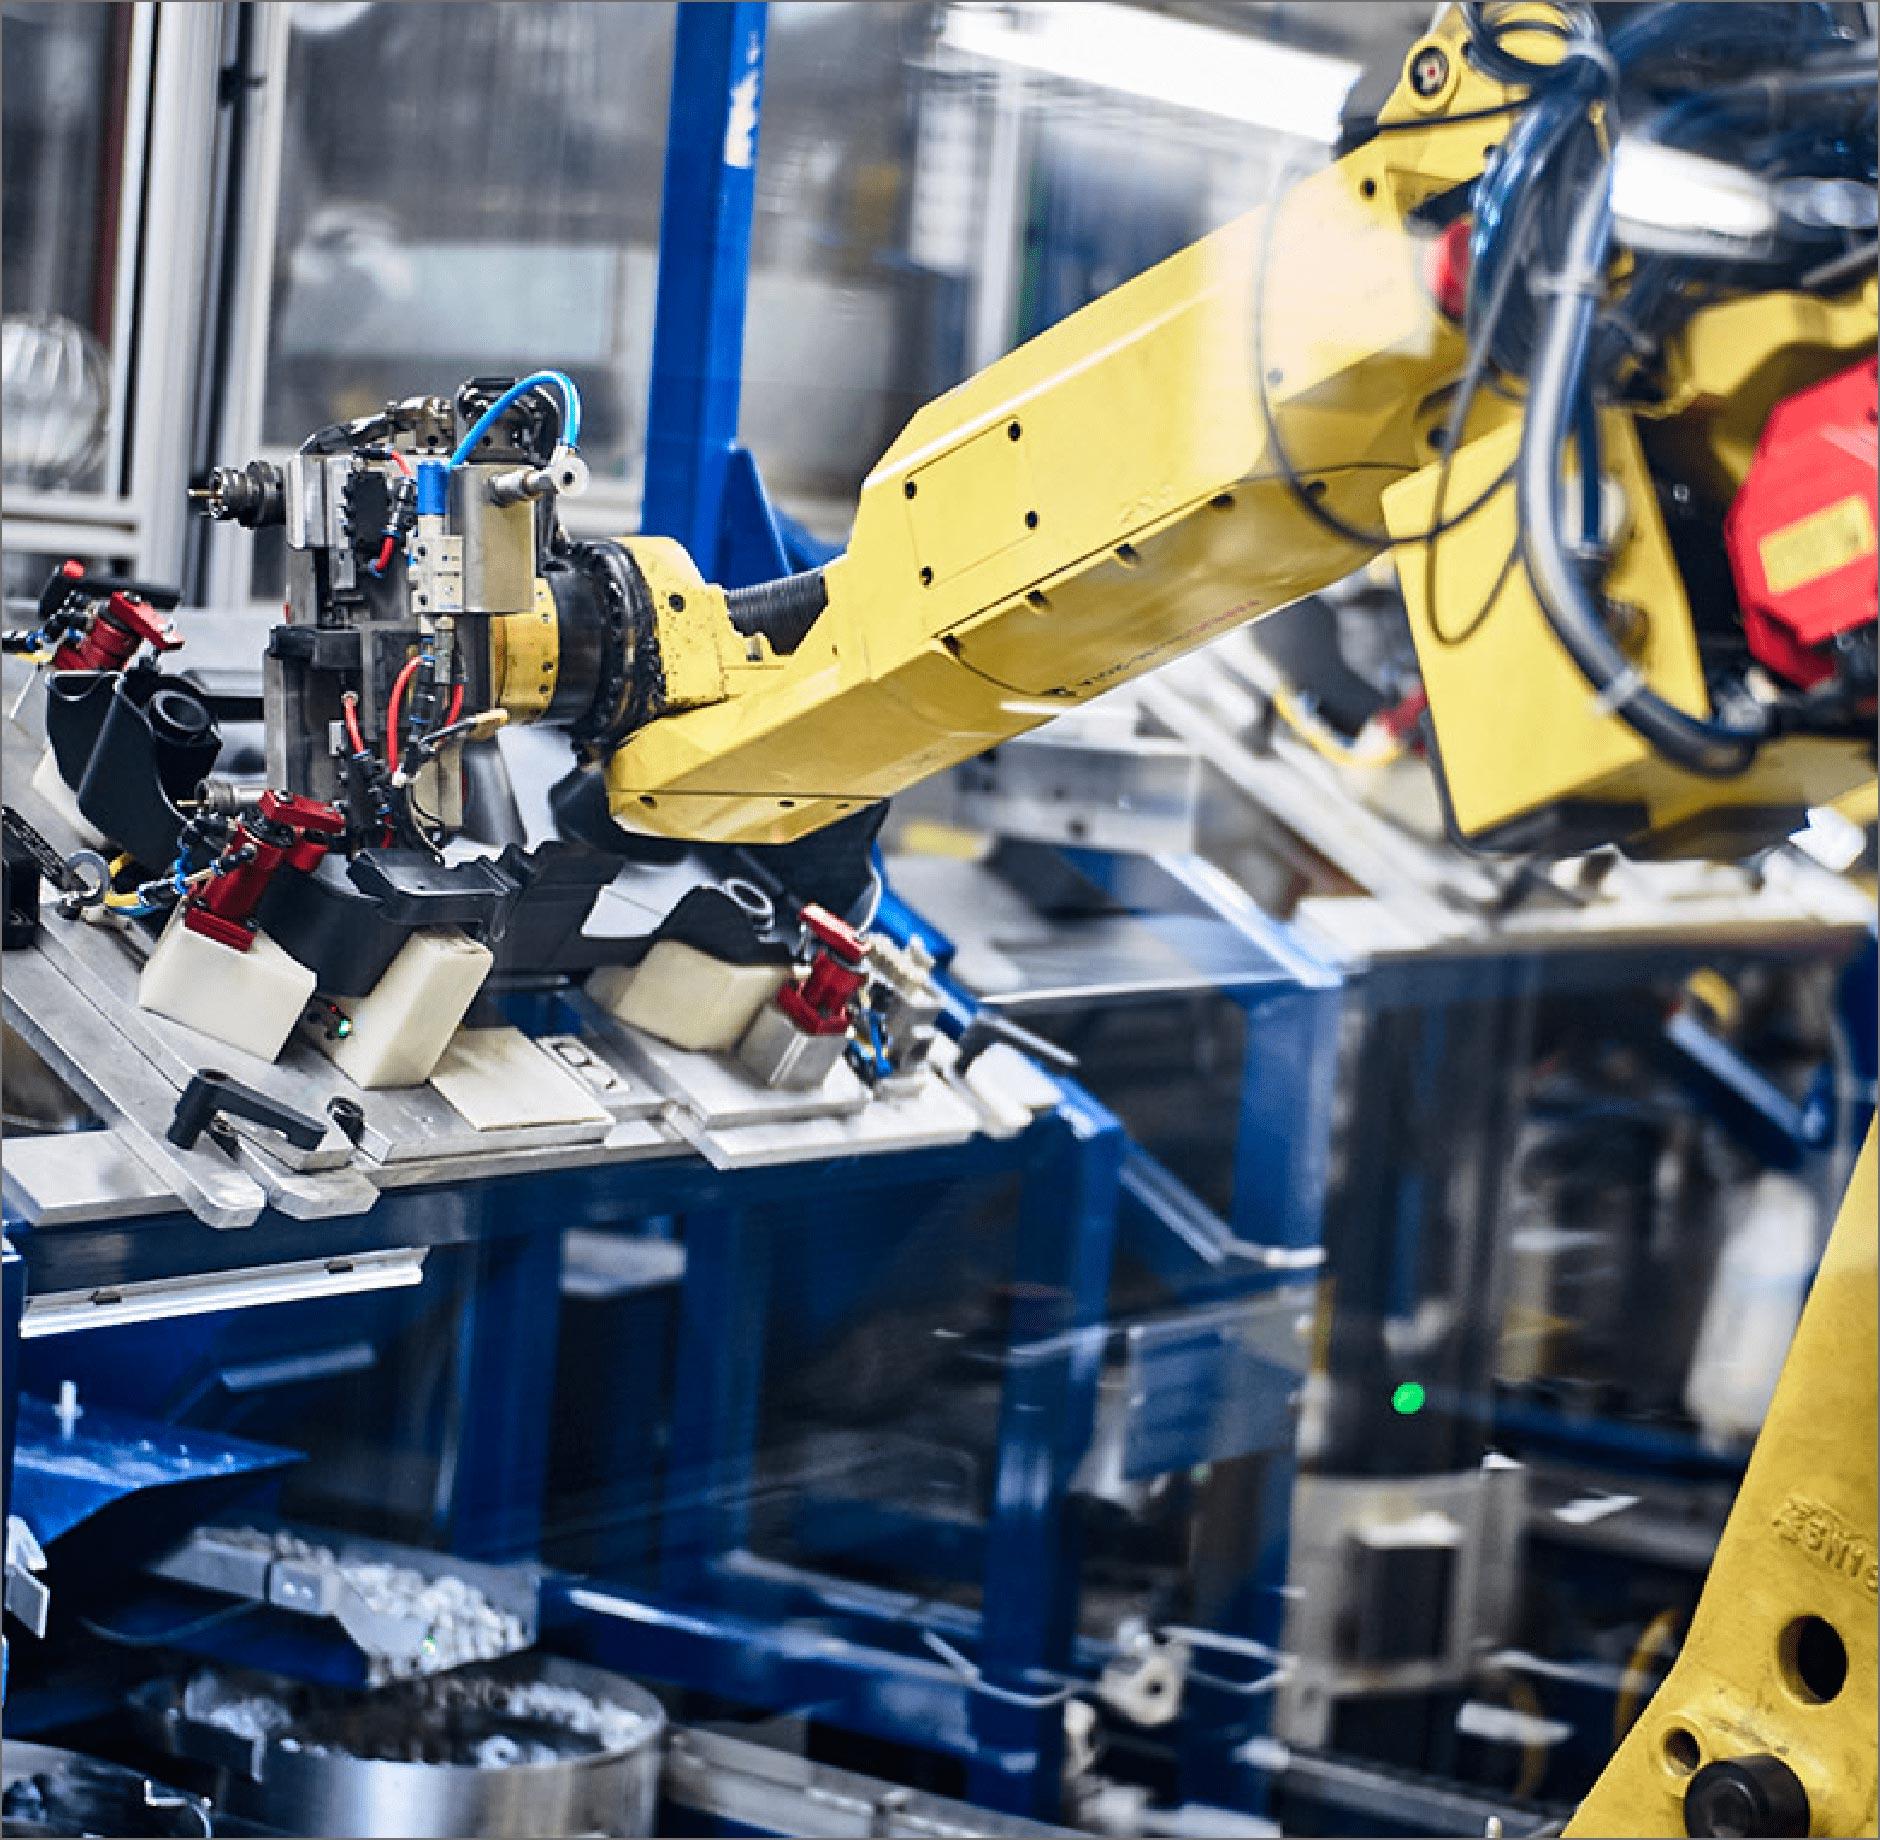 exo-s - visuel robot